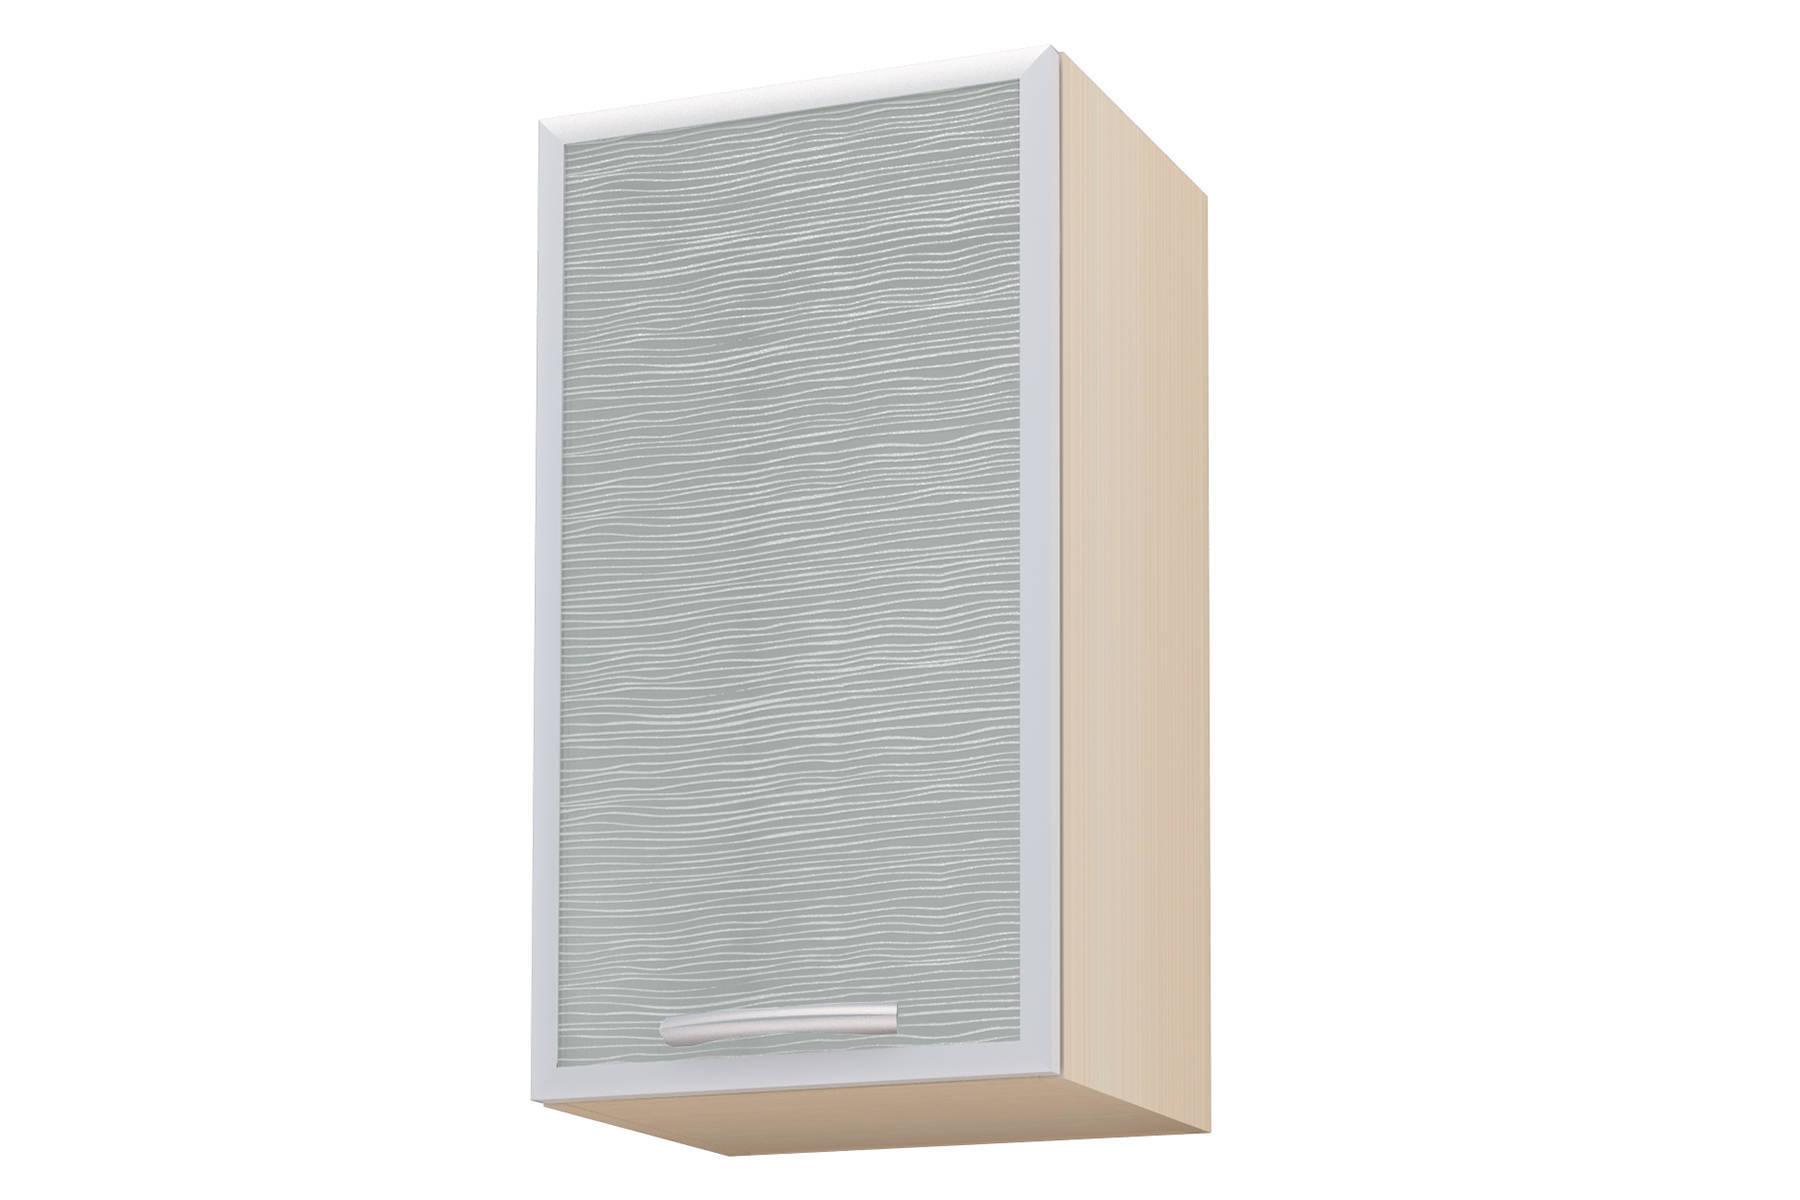 Селена шкаф навесной ш.400, фасад правый